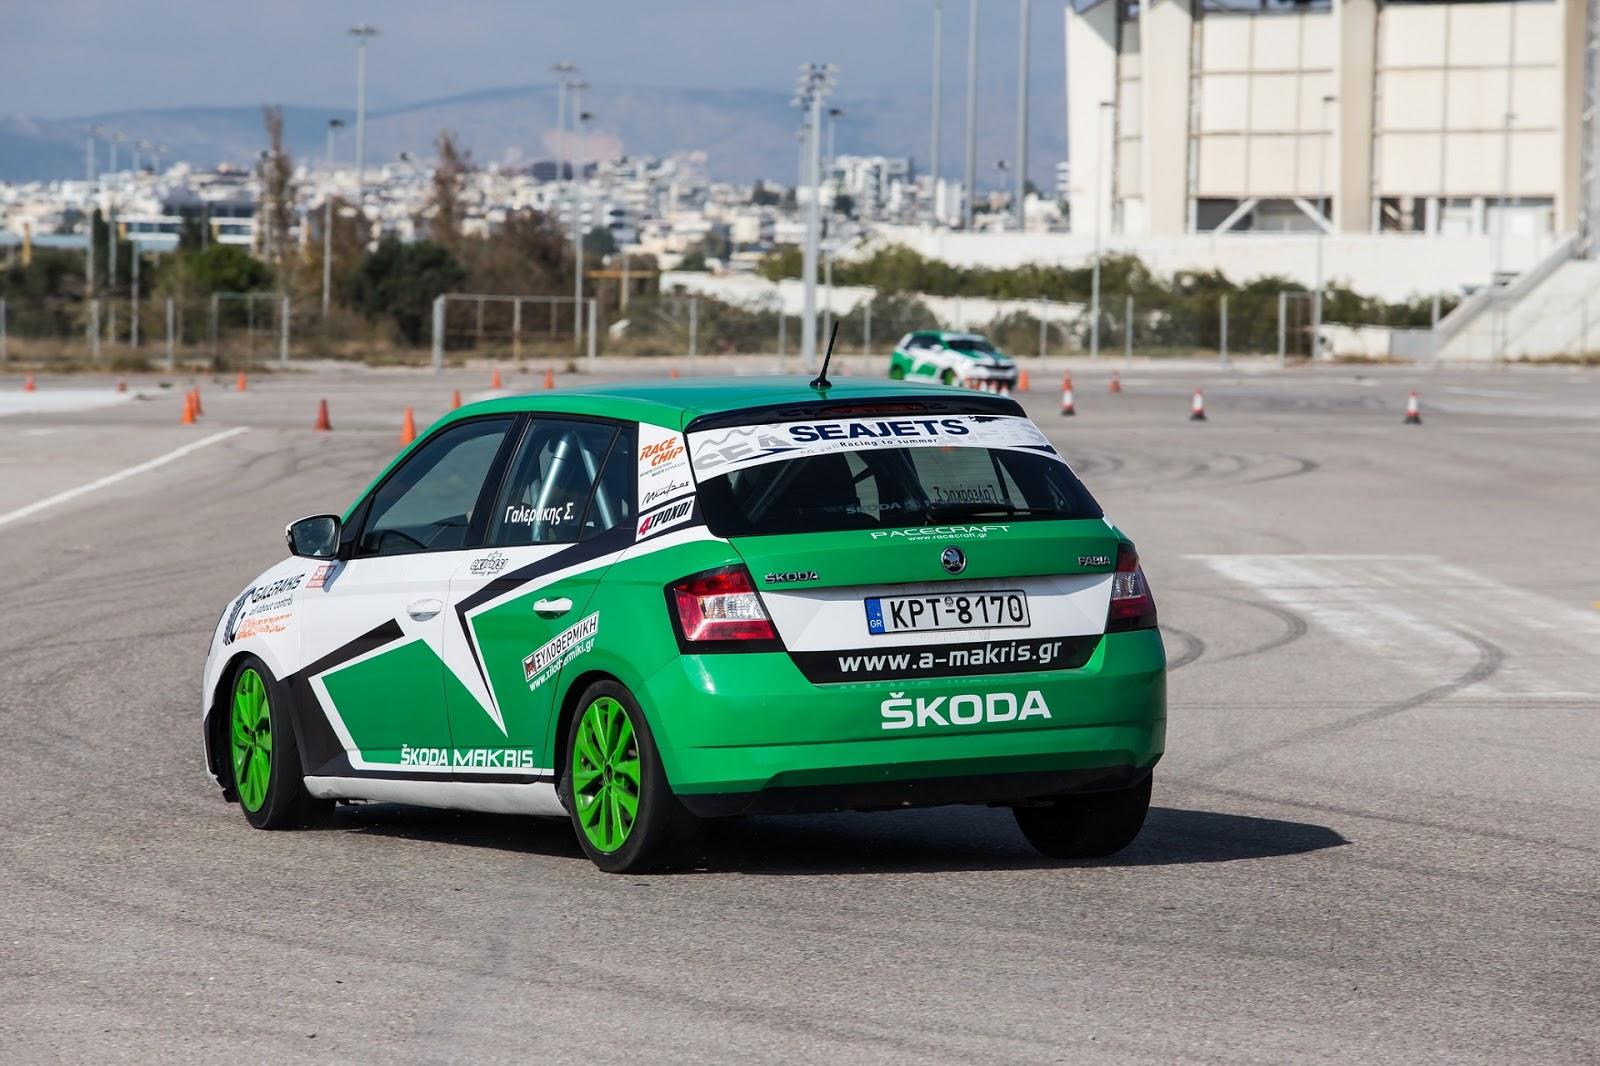 SKODA2BFABIA AYTOKINH25CE25A3H2B2018 TEST DRIVE 5 Η Skoda σε κάνει βόλτα με την αγωνιστική Fabia! Skoda, Έκθεση